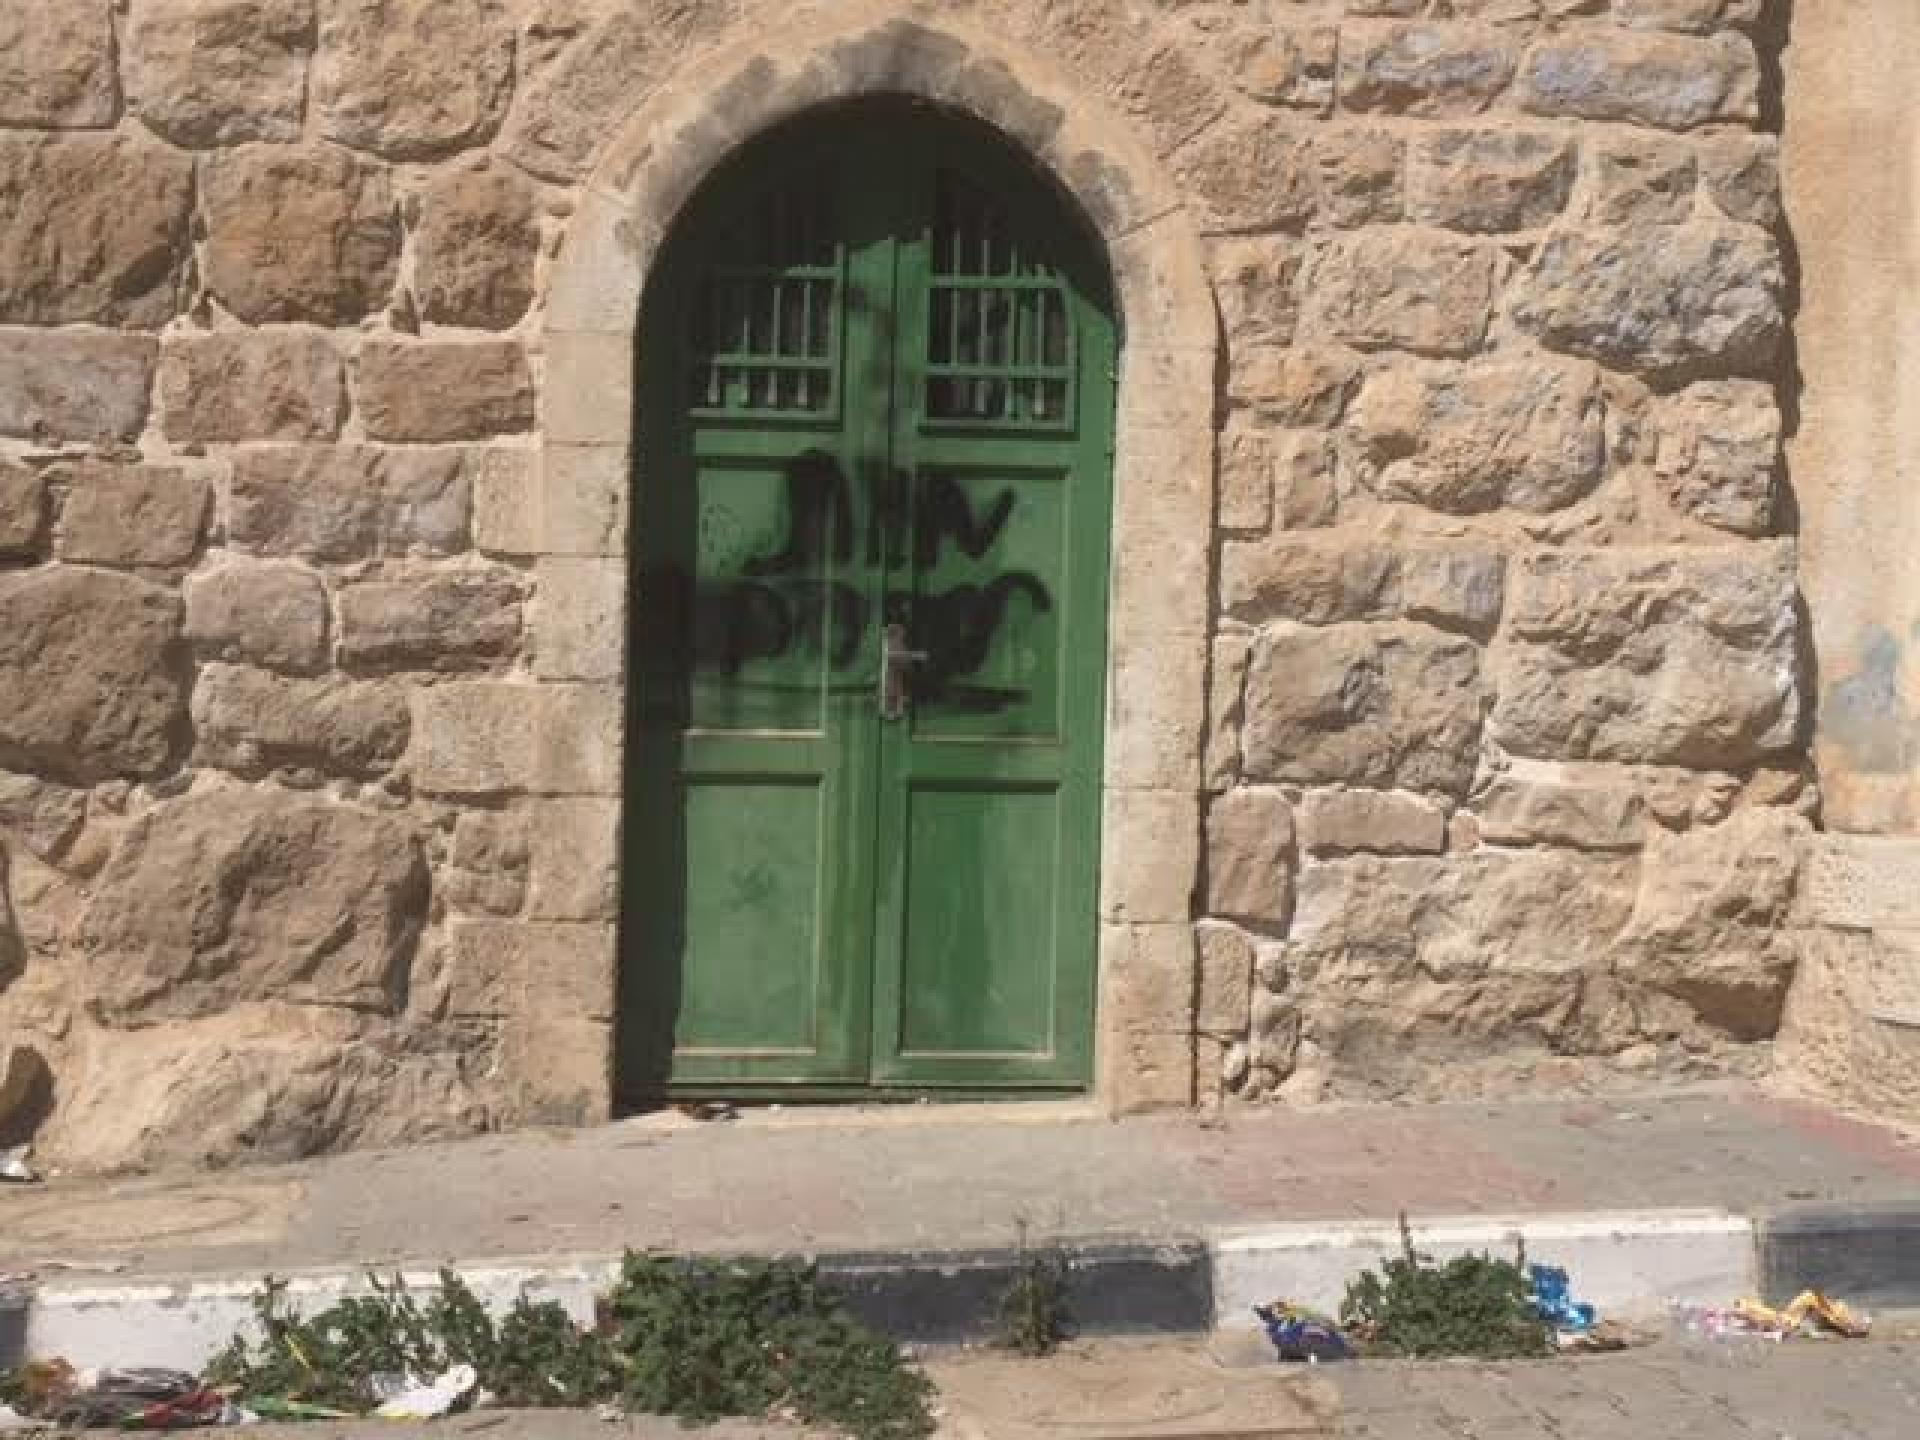 דלתות הבתים מכוסות בסיסמאות